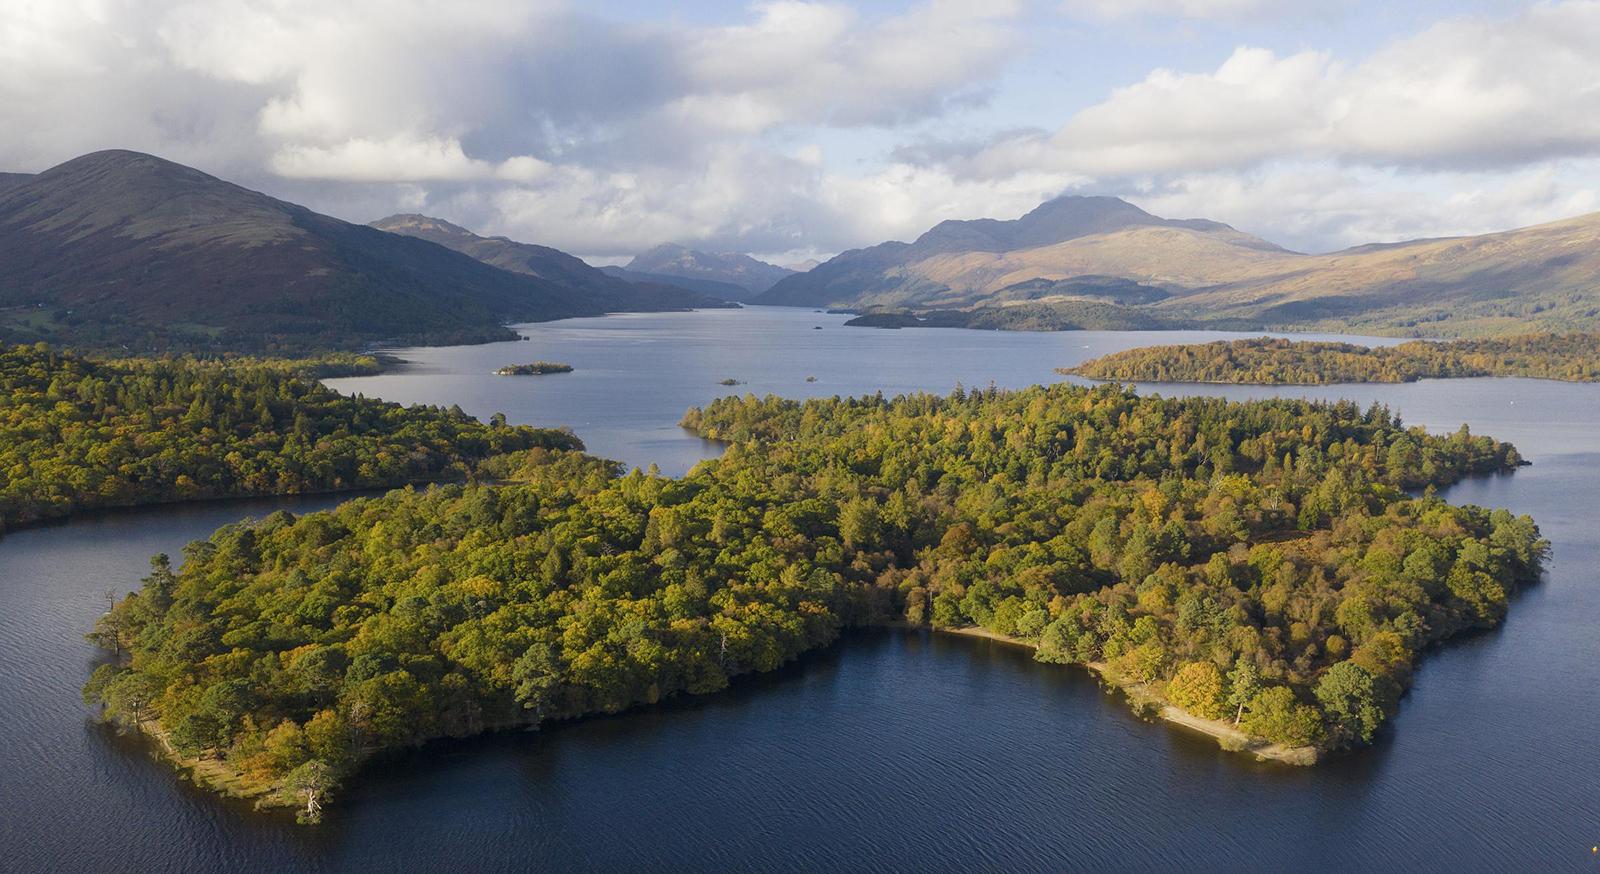 Inchconnachan or 'Wallaby Island' in Loch Lomand, Scotland